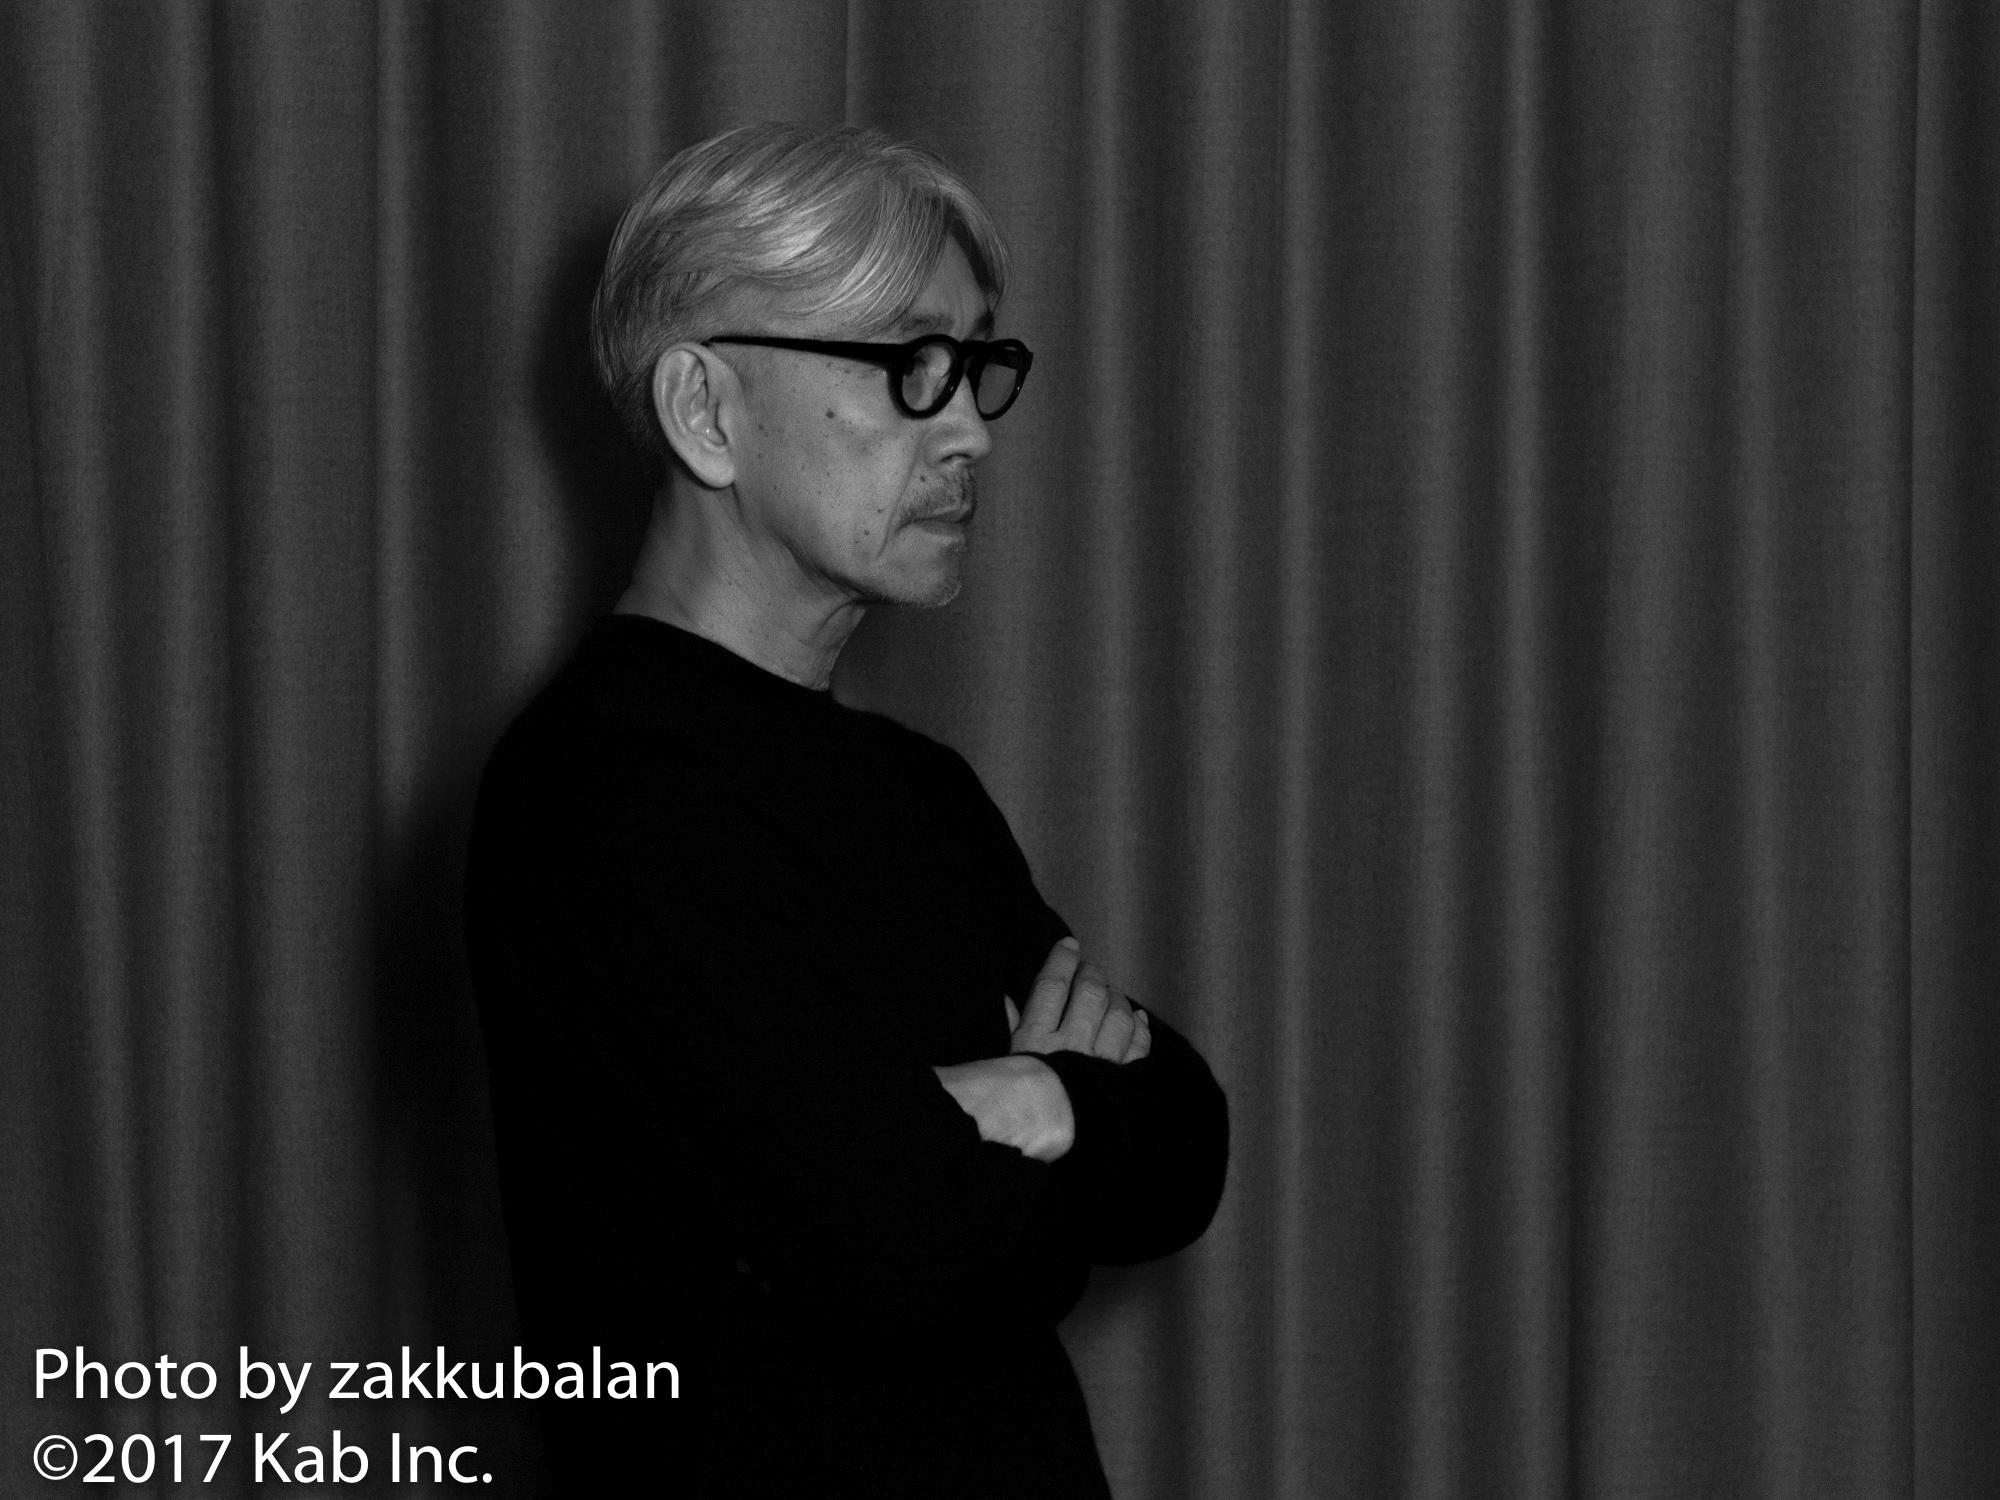 坂本龍一、村上 龍との交流を語る。『限りなく透明に近いブルー』に反感を持った理由とは